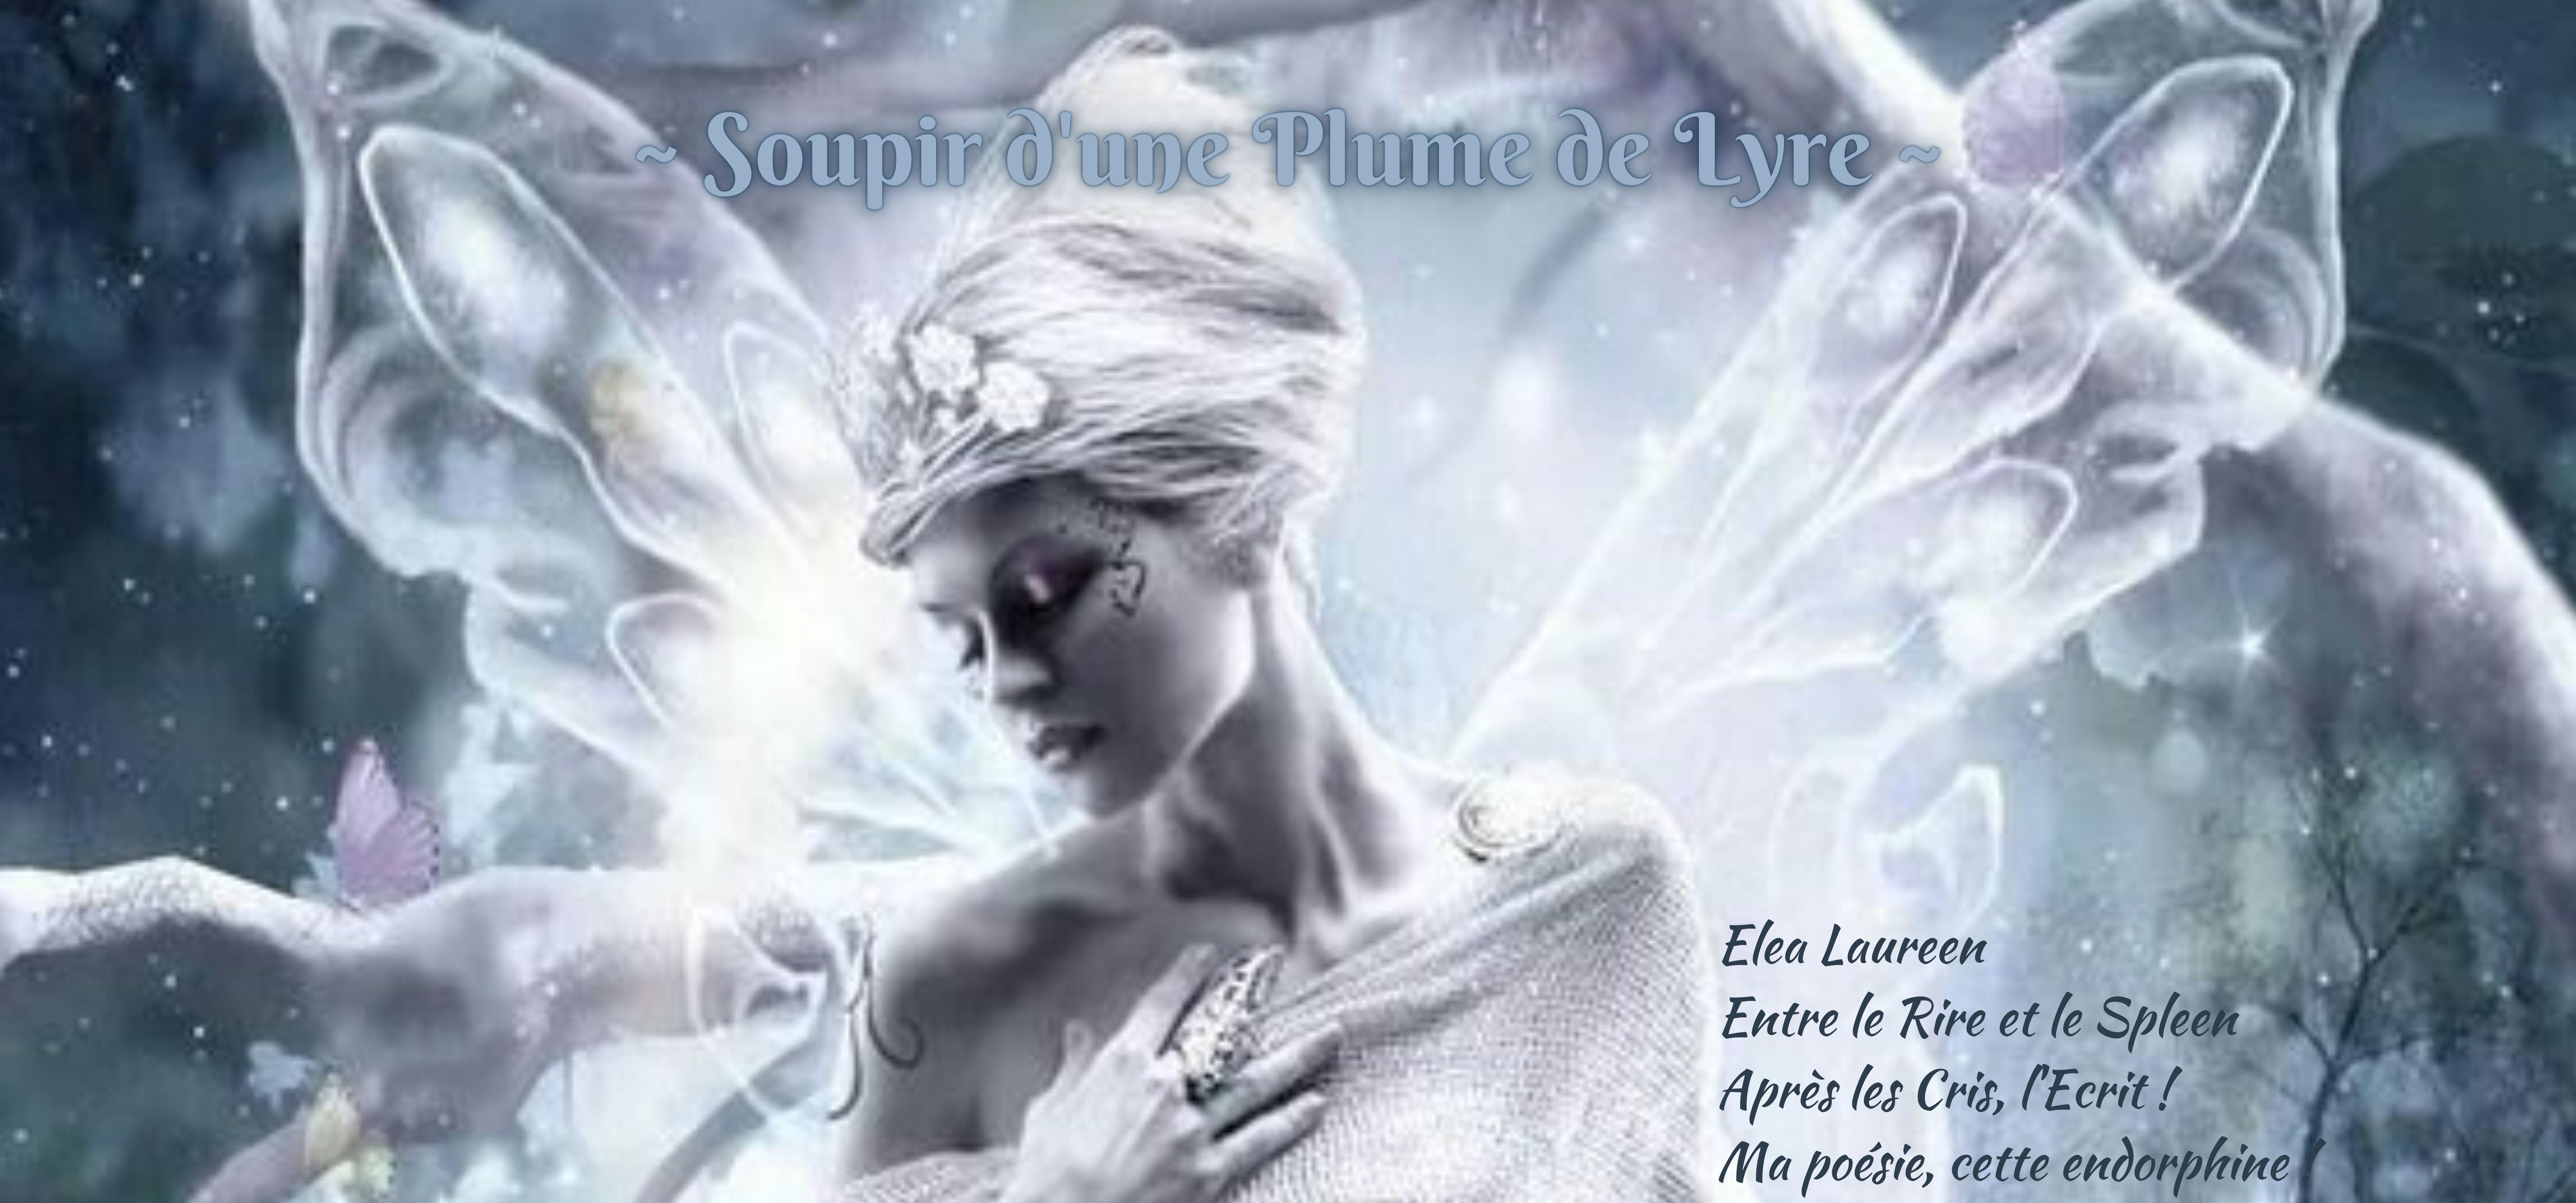 Bienvenue chez Elea Laureen, Au Soupir d'une Plume de Lyre